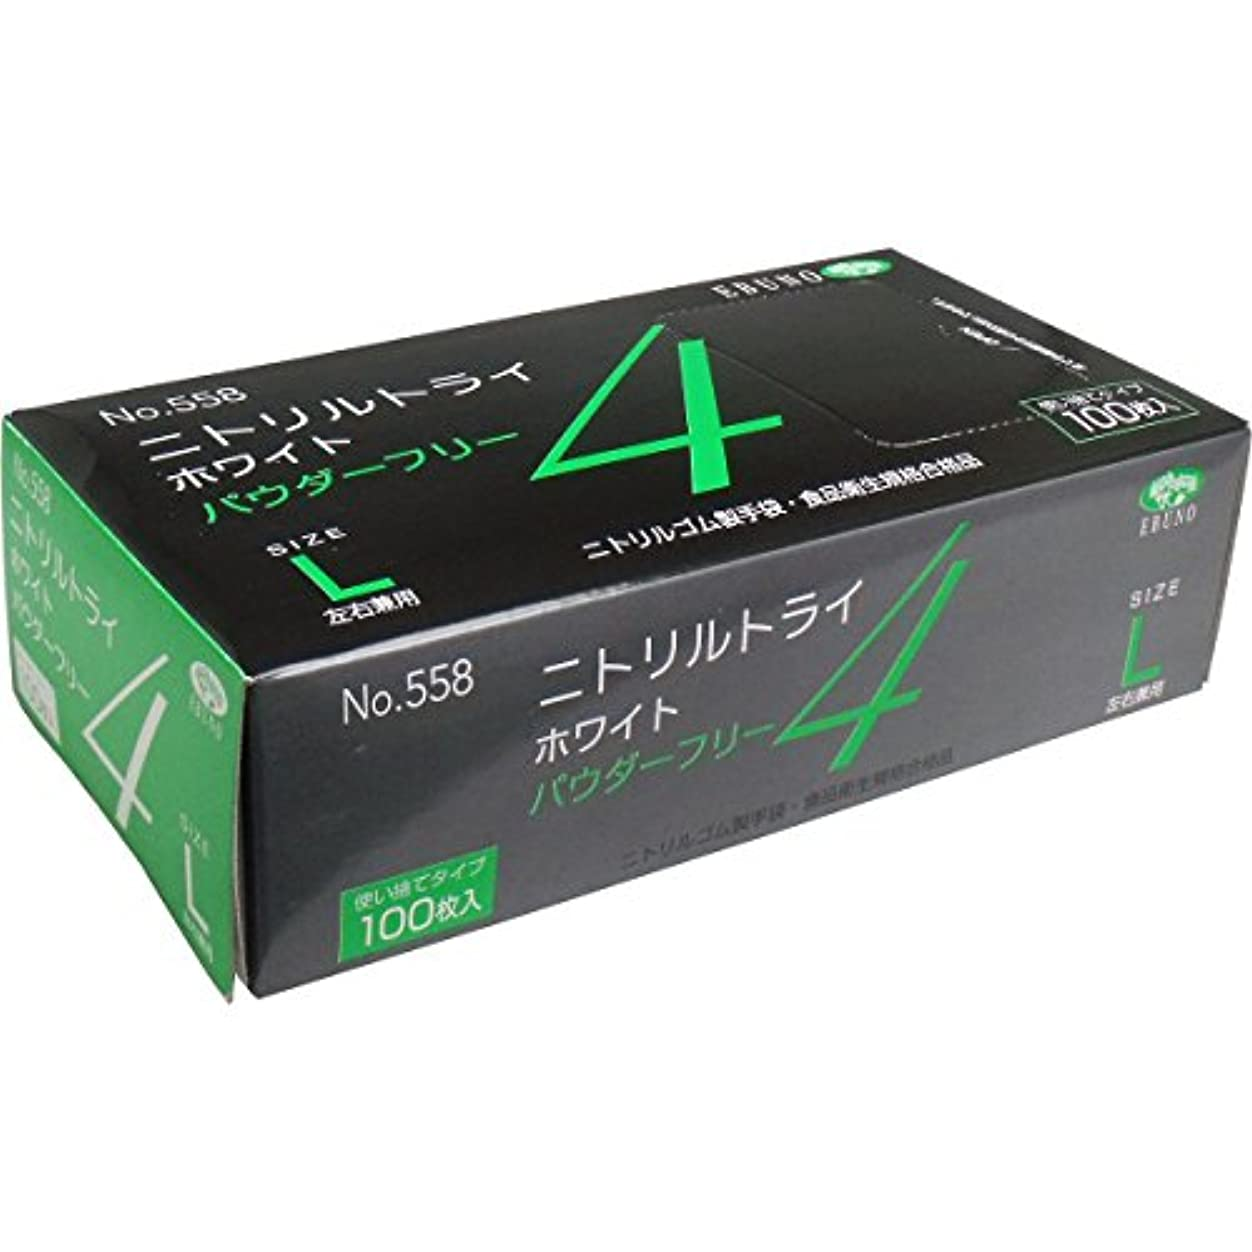 散髪シガレット成功ニトリルトライ4 №558 ホワイト 粉無 Lサイズ 100枚入